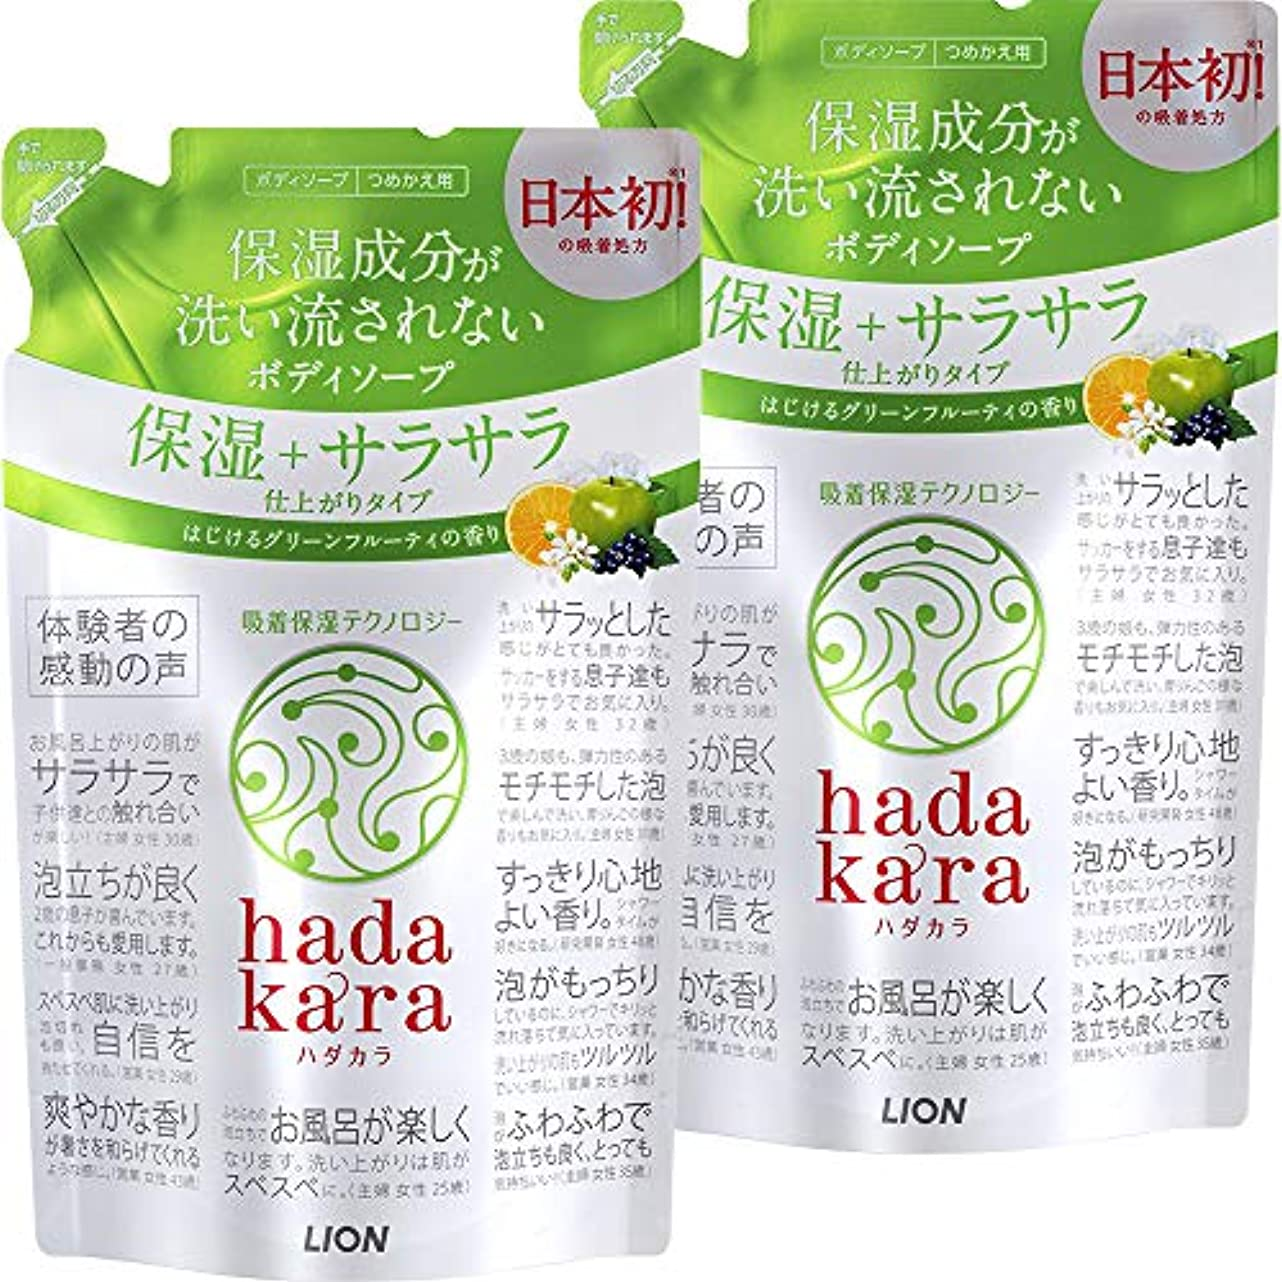 からスパイラル天井【まとめ買い】hadakara(ハダカラ) ボディソープ 保湿+サラサラ仕上がりタイプ グリーンフルーティの香り 詰め替え 340ml×2個パック